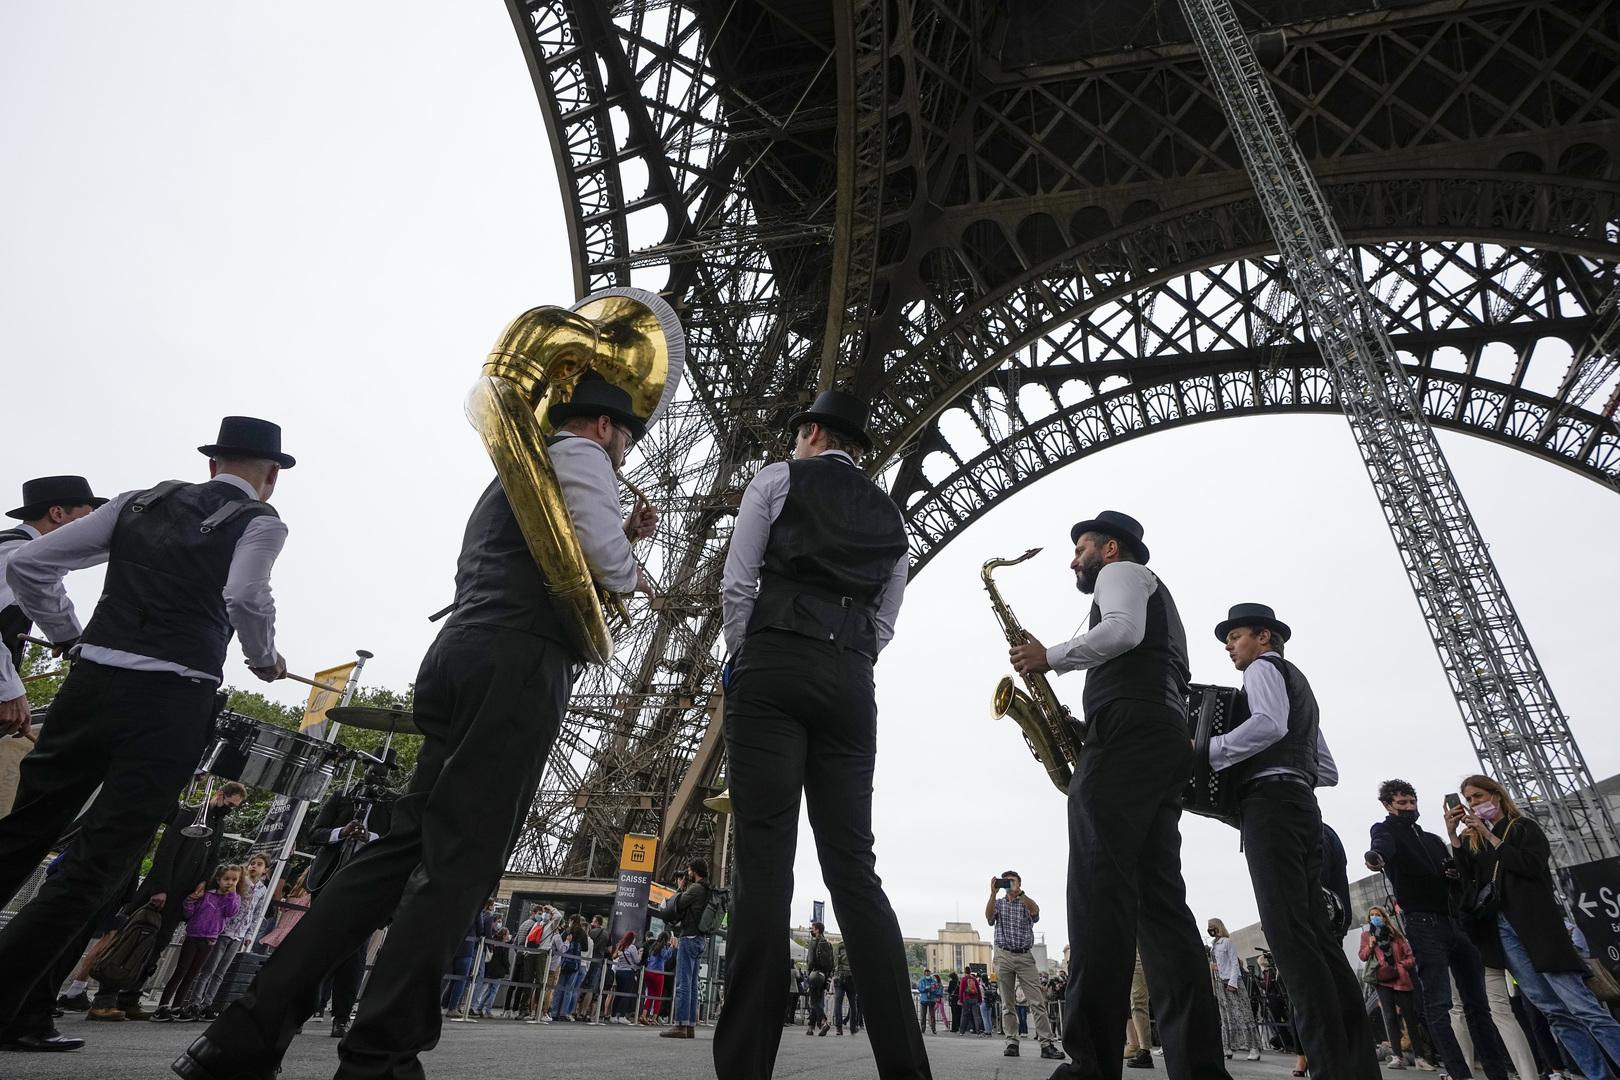 فرنسا تشترط شهادة كوفيد لزيارة المعالم السياحية